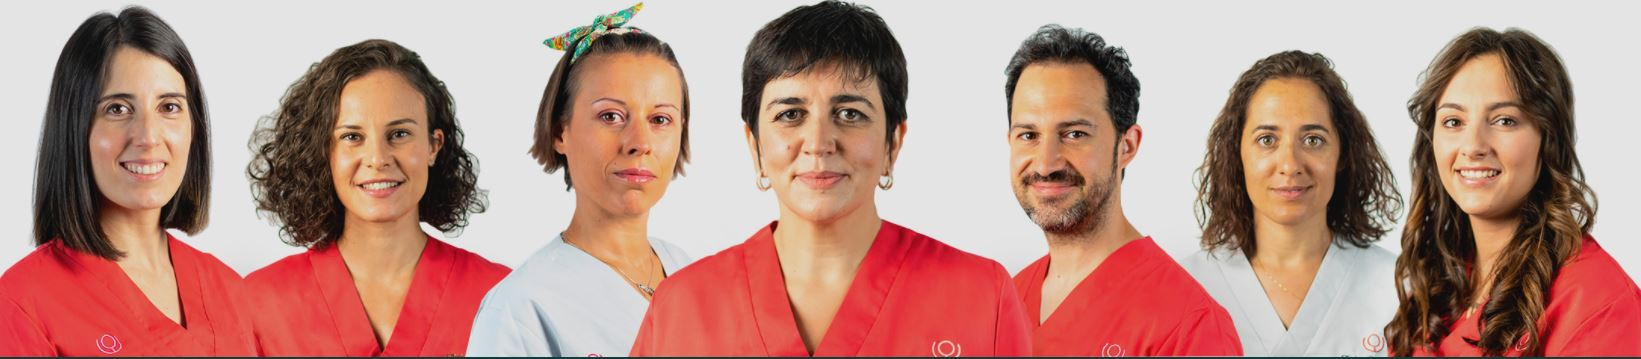 La Clinica Barrientos de Ponferrada incorpora en noviembre la técnica PNI de Psiconeuroinmunología, pensando en la salud de los pacientes 2